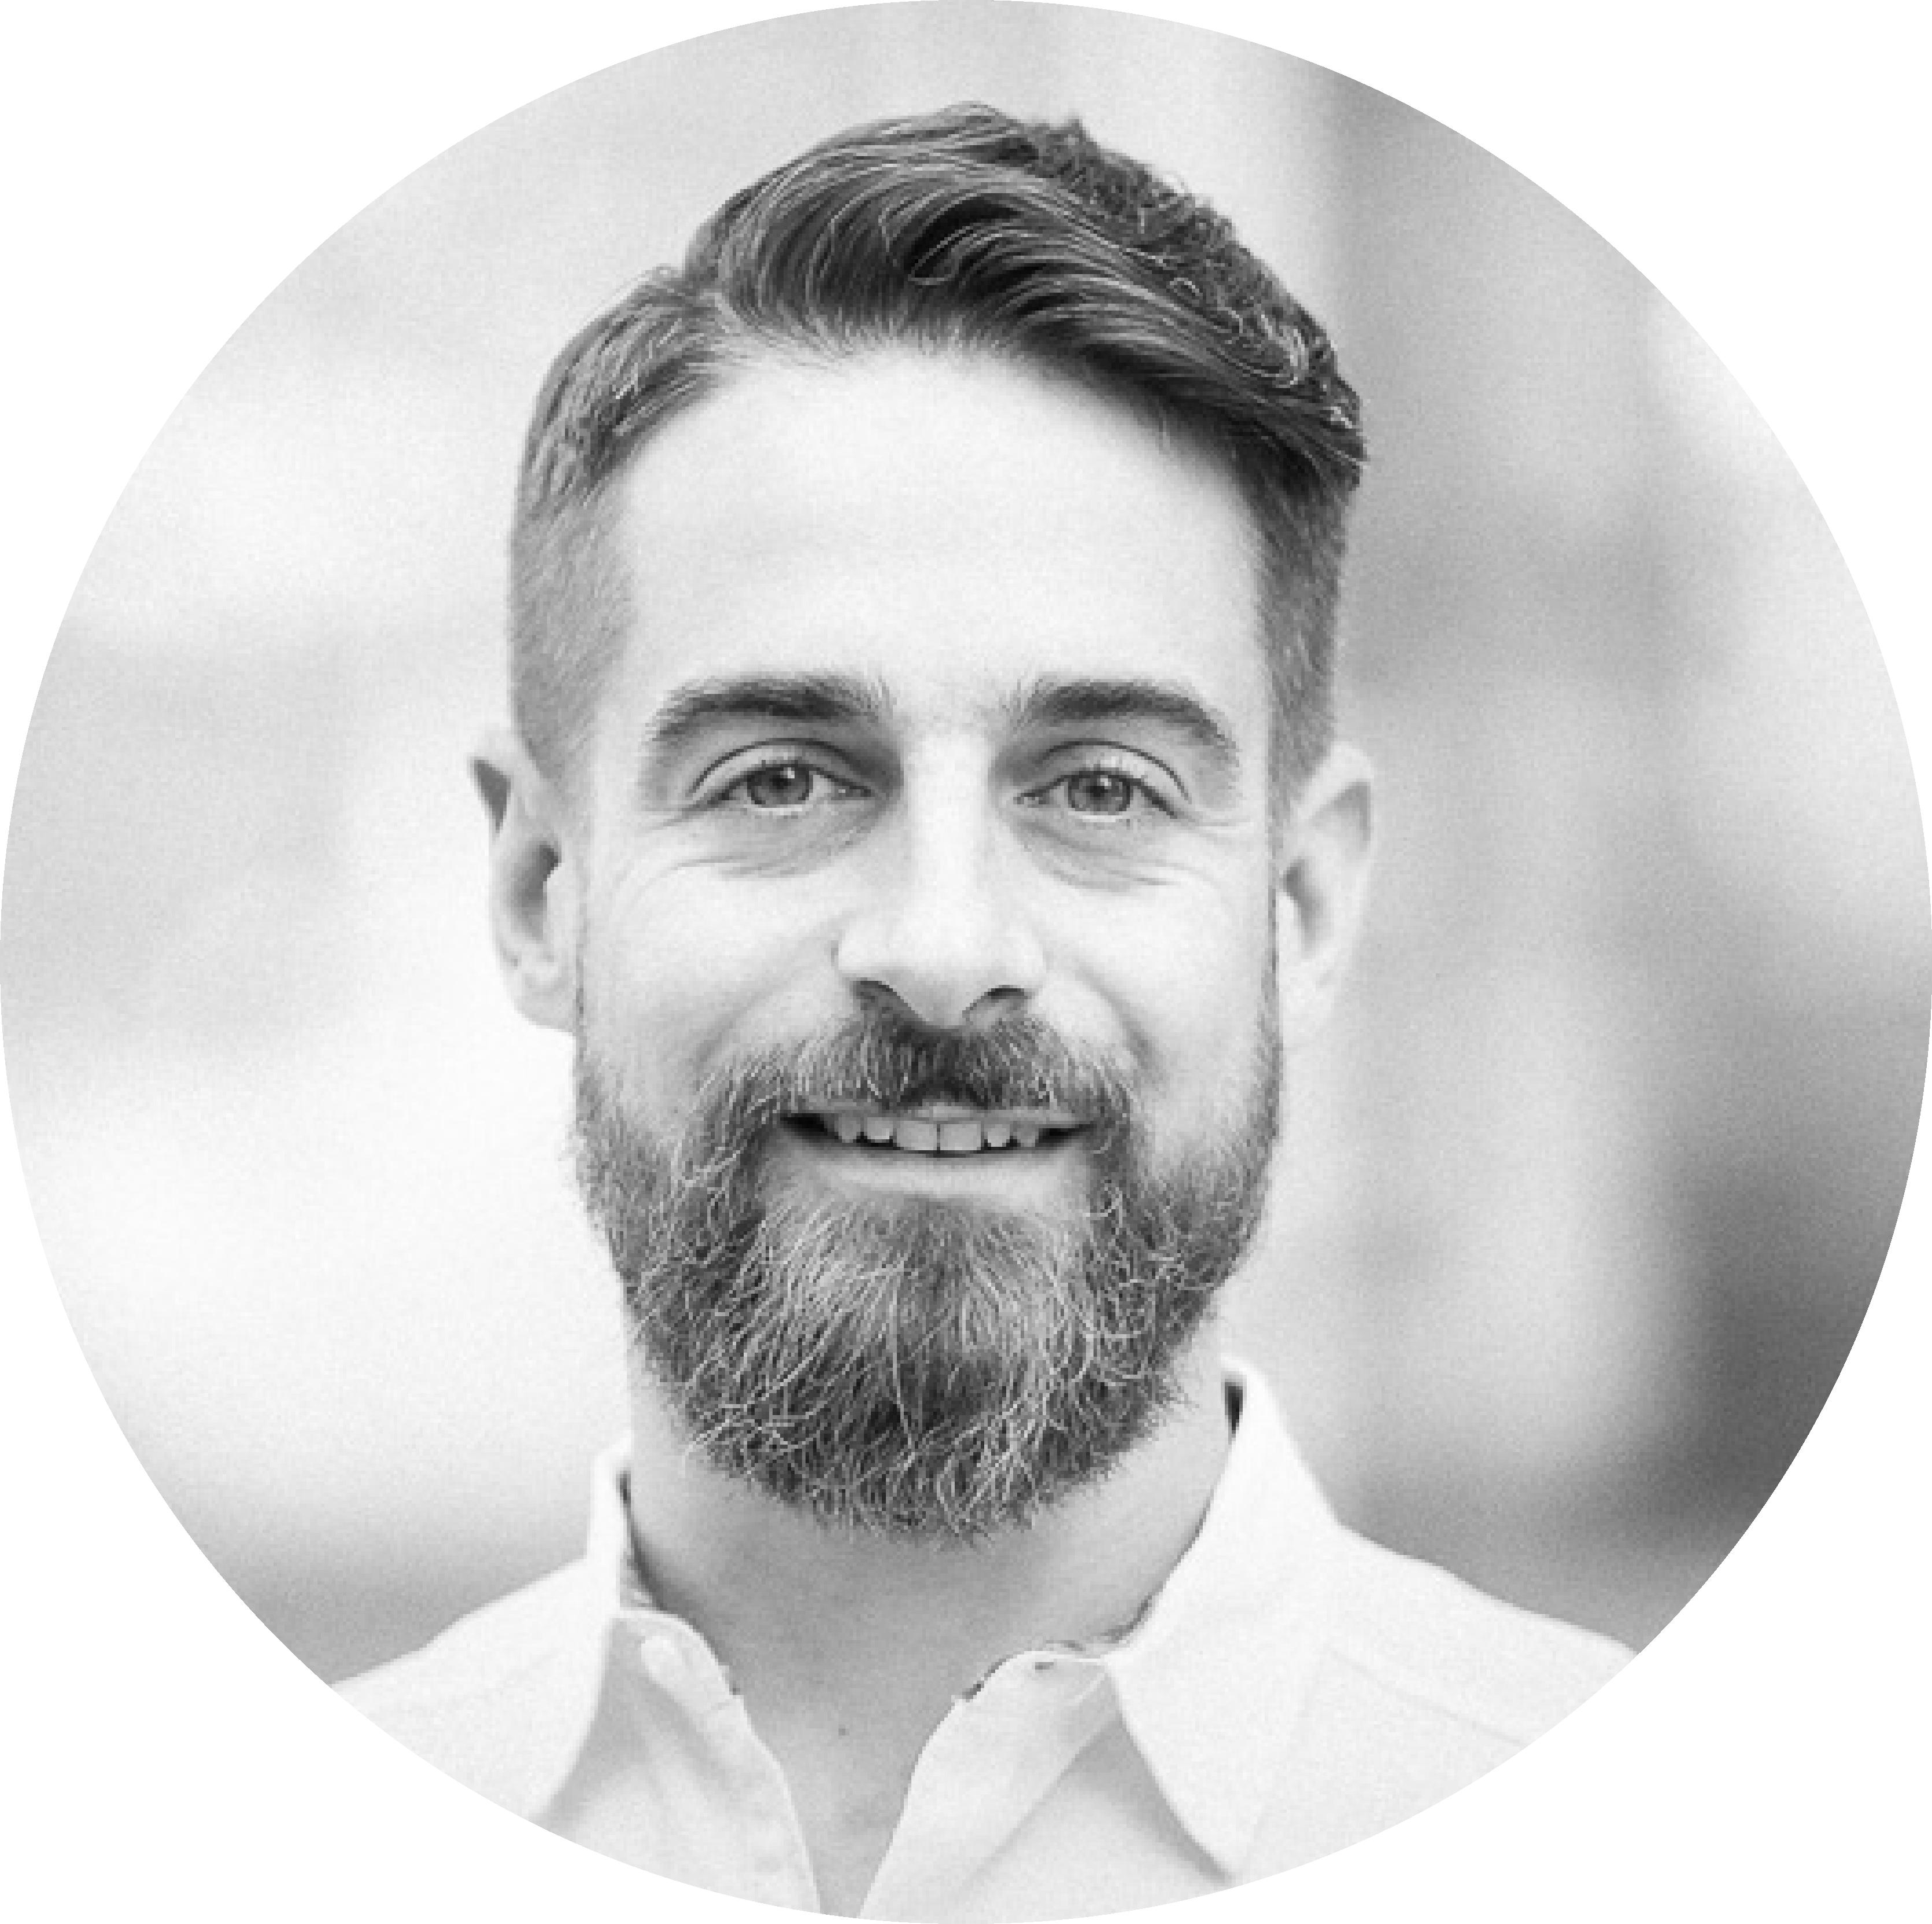 Péter Fankhauser Webinar Host